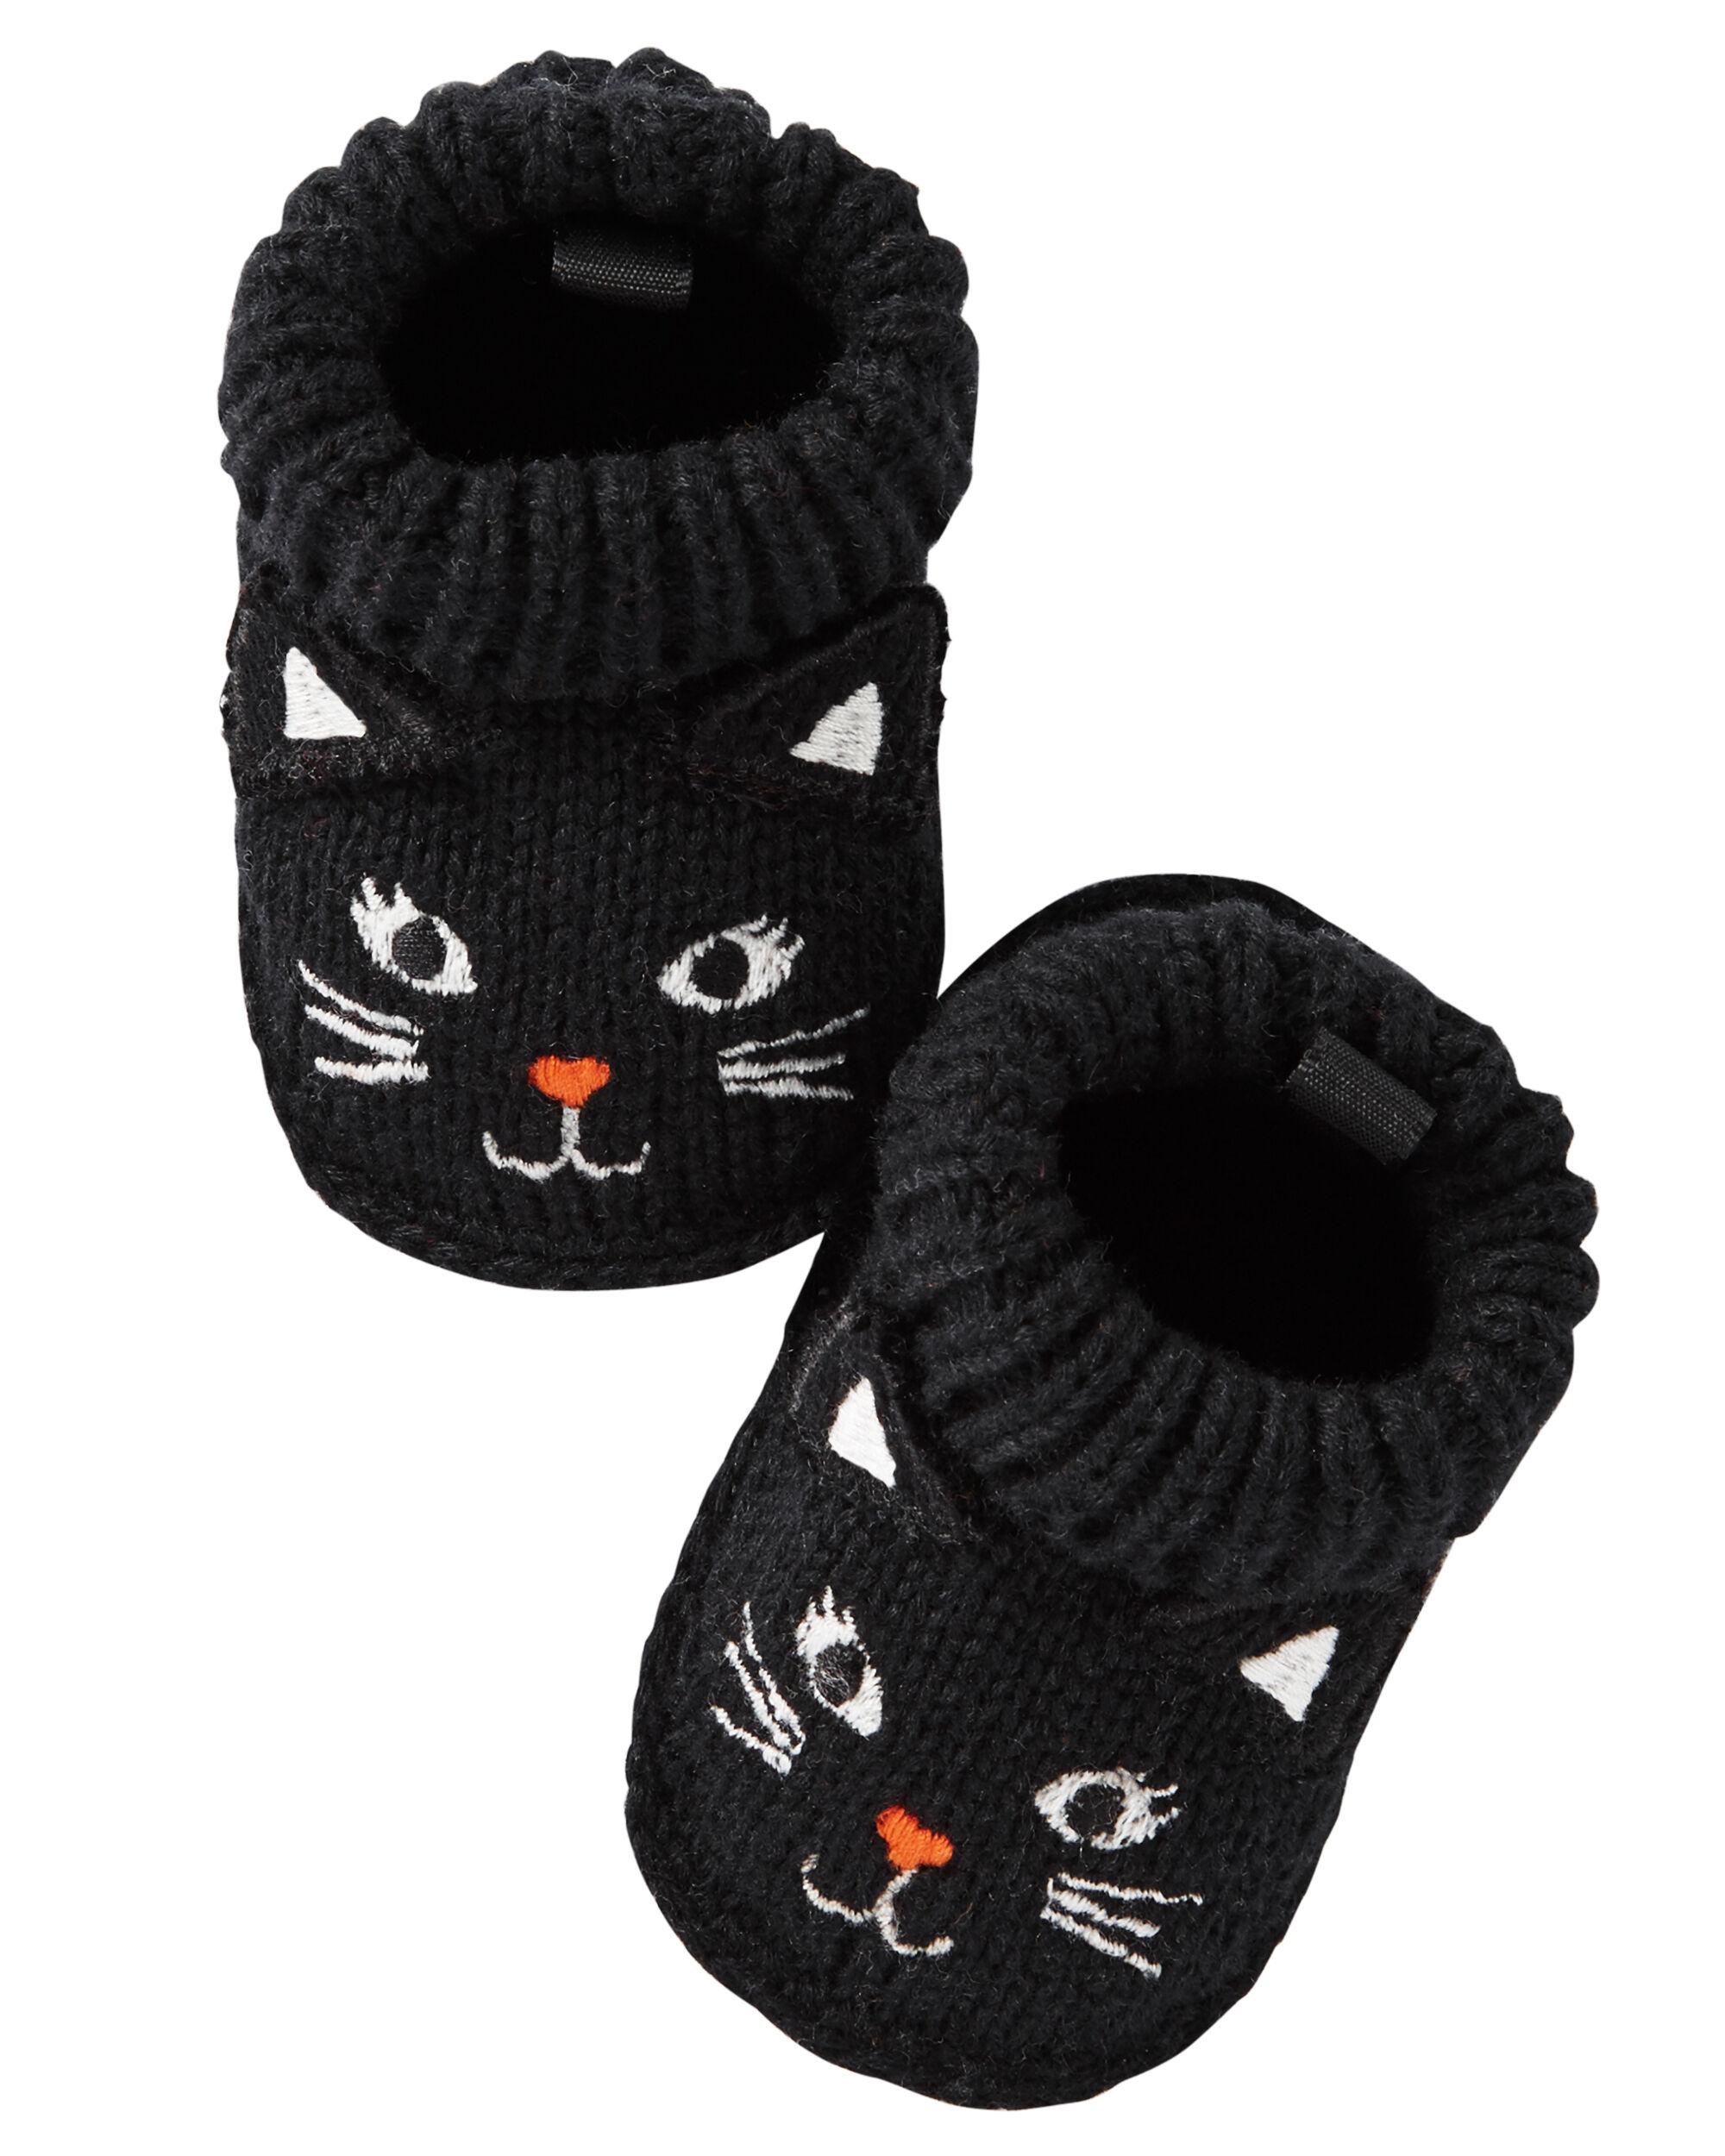 Black Cat Crocheted Booties